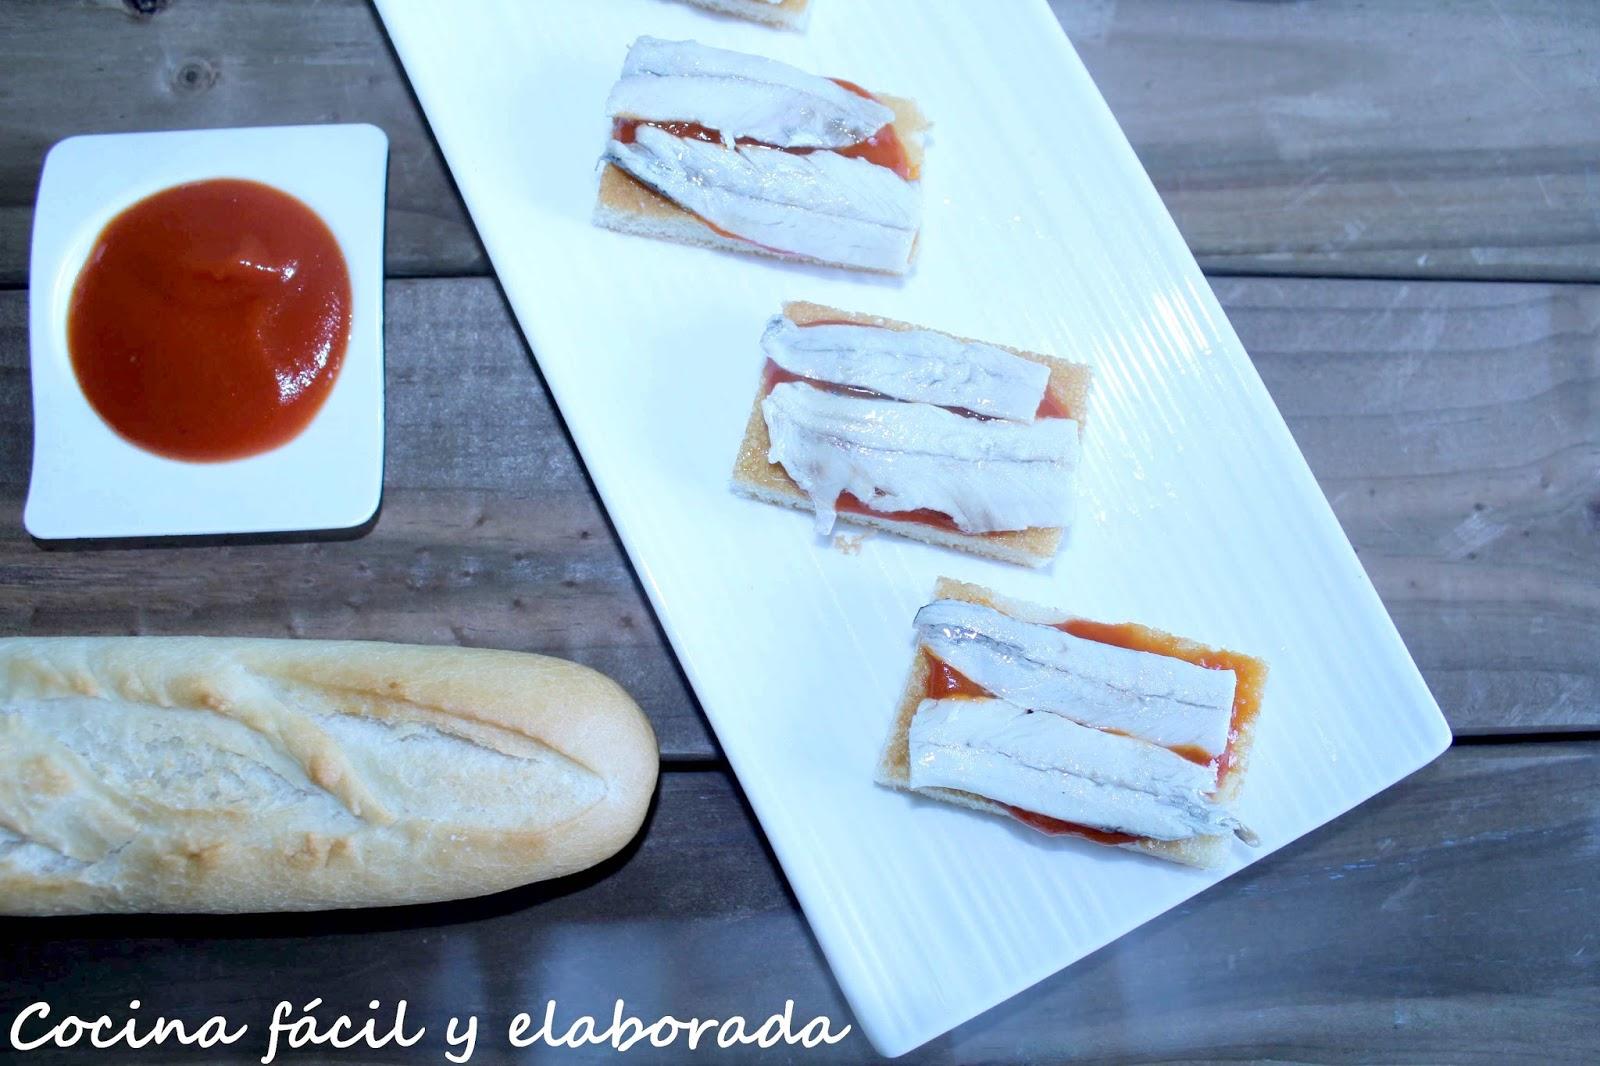 Cocina facil y elaborada aperitivo de navidad express 30 for Cocina facil para navidad